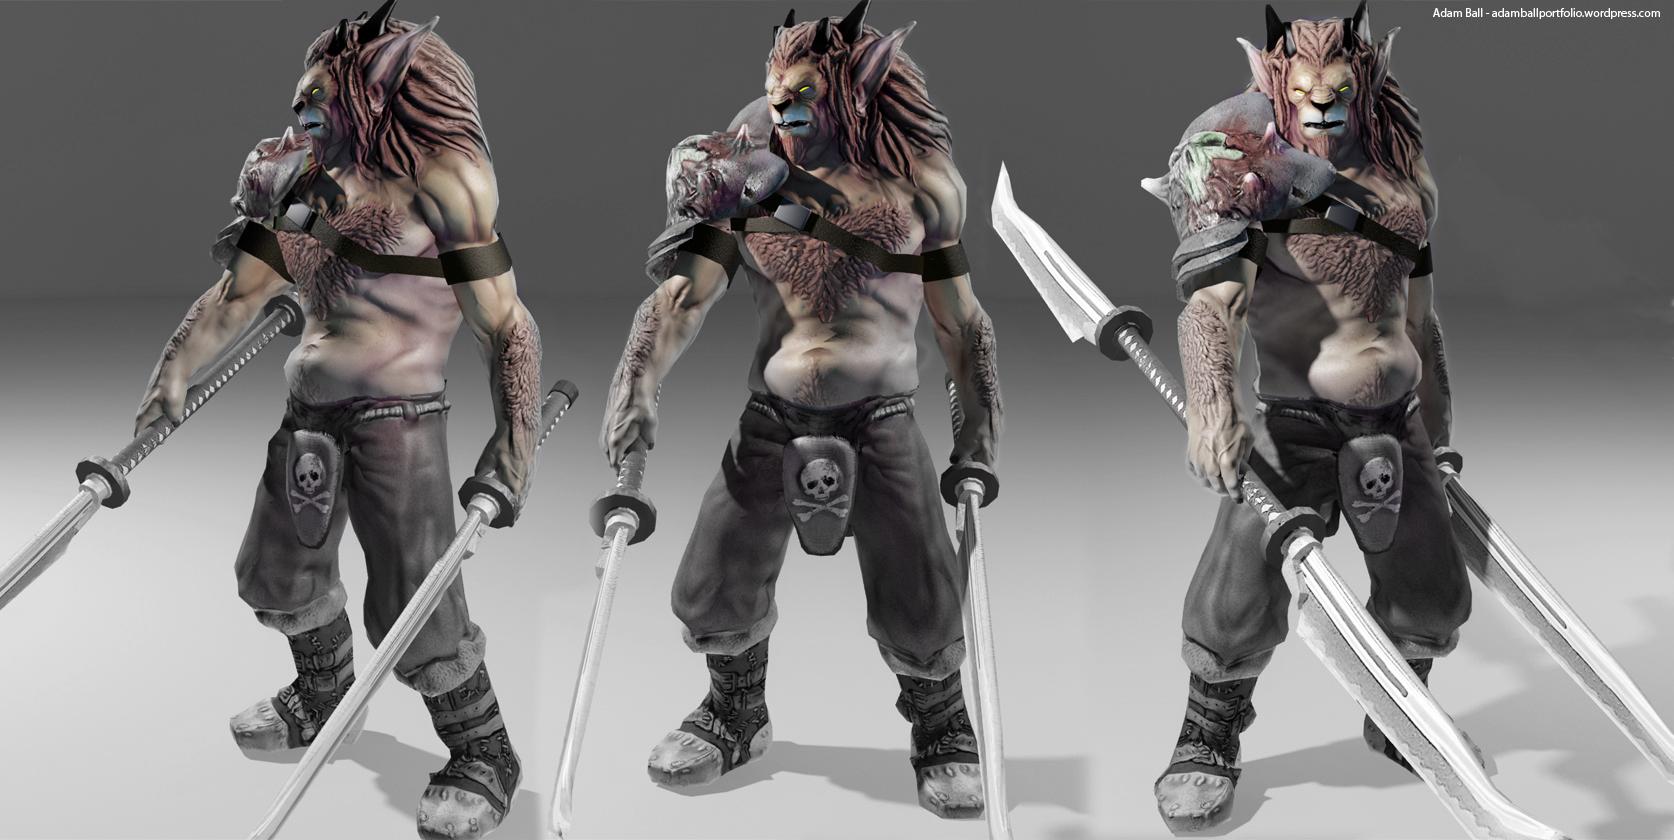 Deviantart Lion Warrior: Adam Ball's 3D Art Portfolio